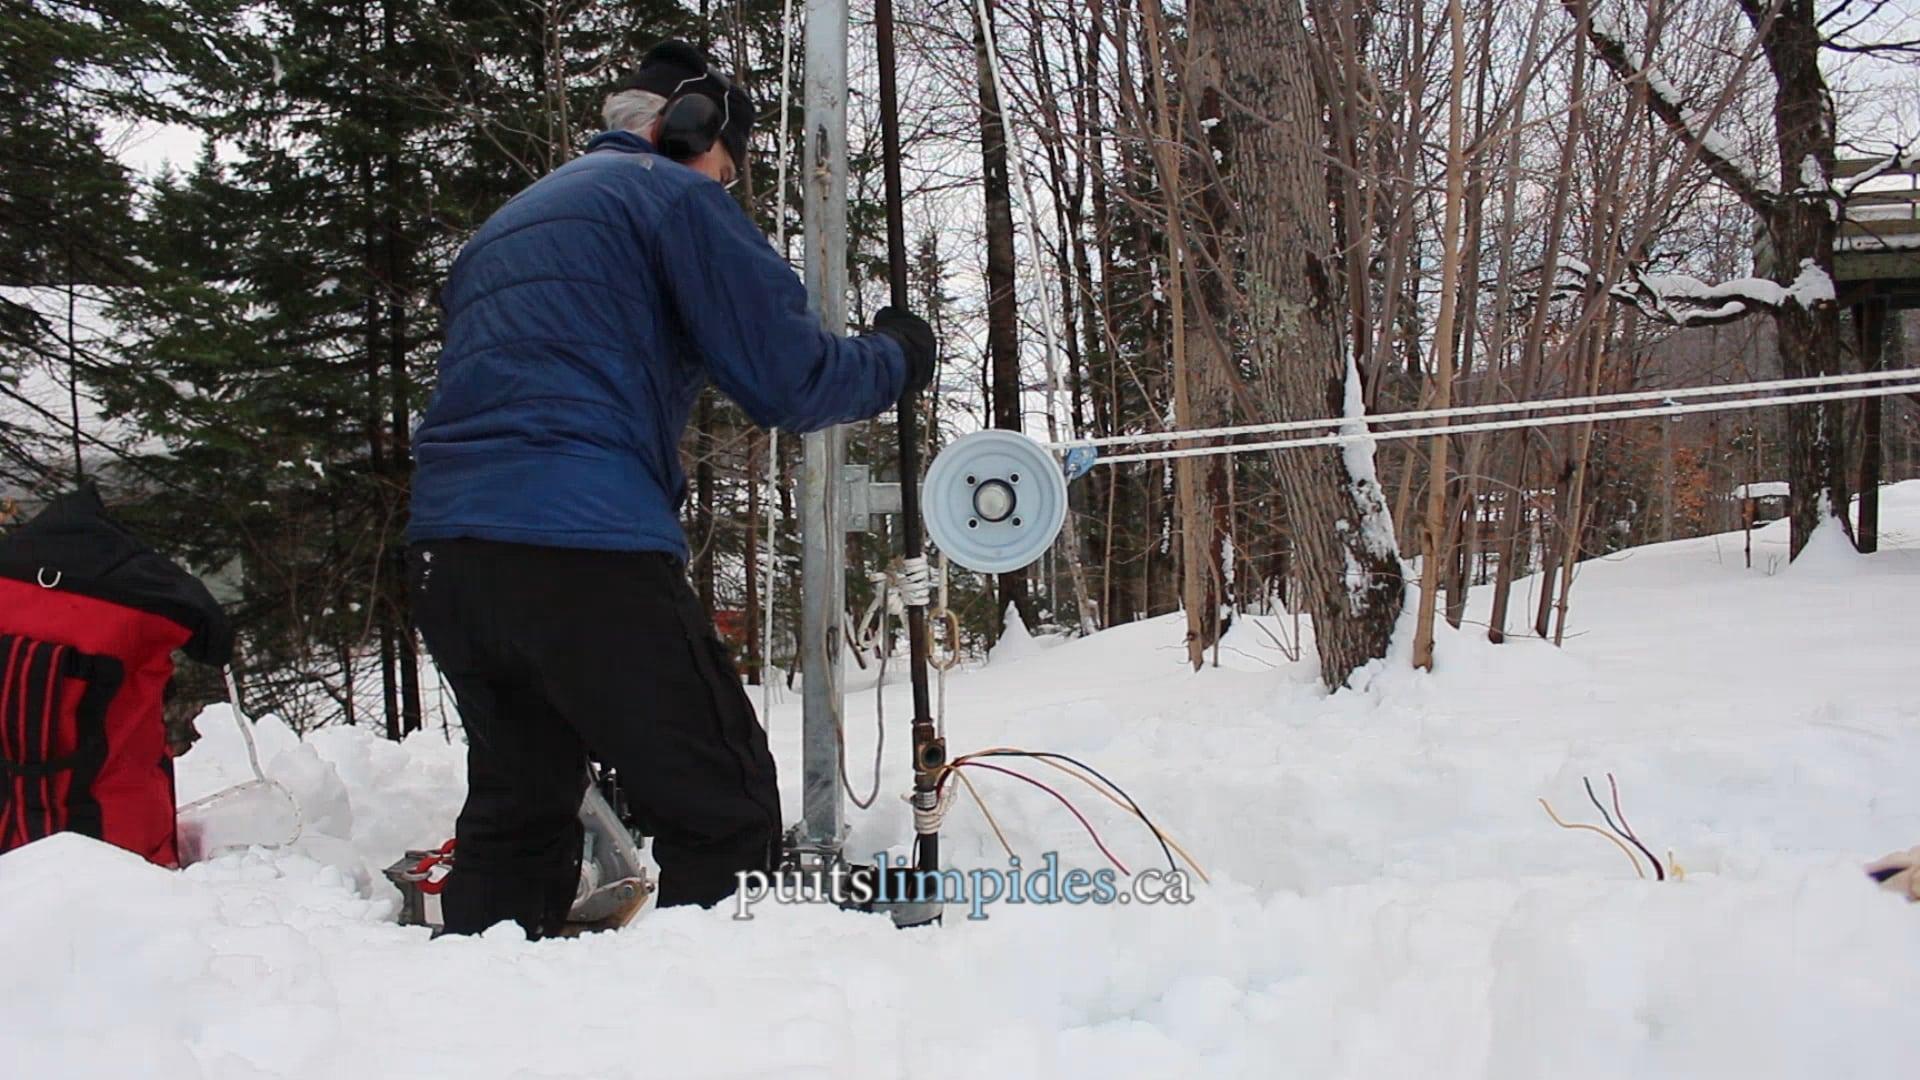 Notre champs d'activité nous amène à constamment entrer et sortir des puits artésiens des charges pouvant atteindre plusieurs centaines de livres. Nous avons conçu des équipements et développé des méthodes de travail efficaces, même pour les puits de très grande profondeur.